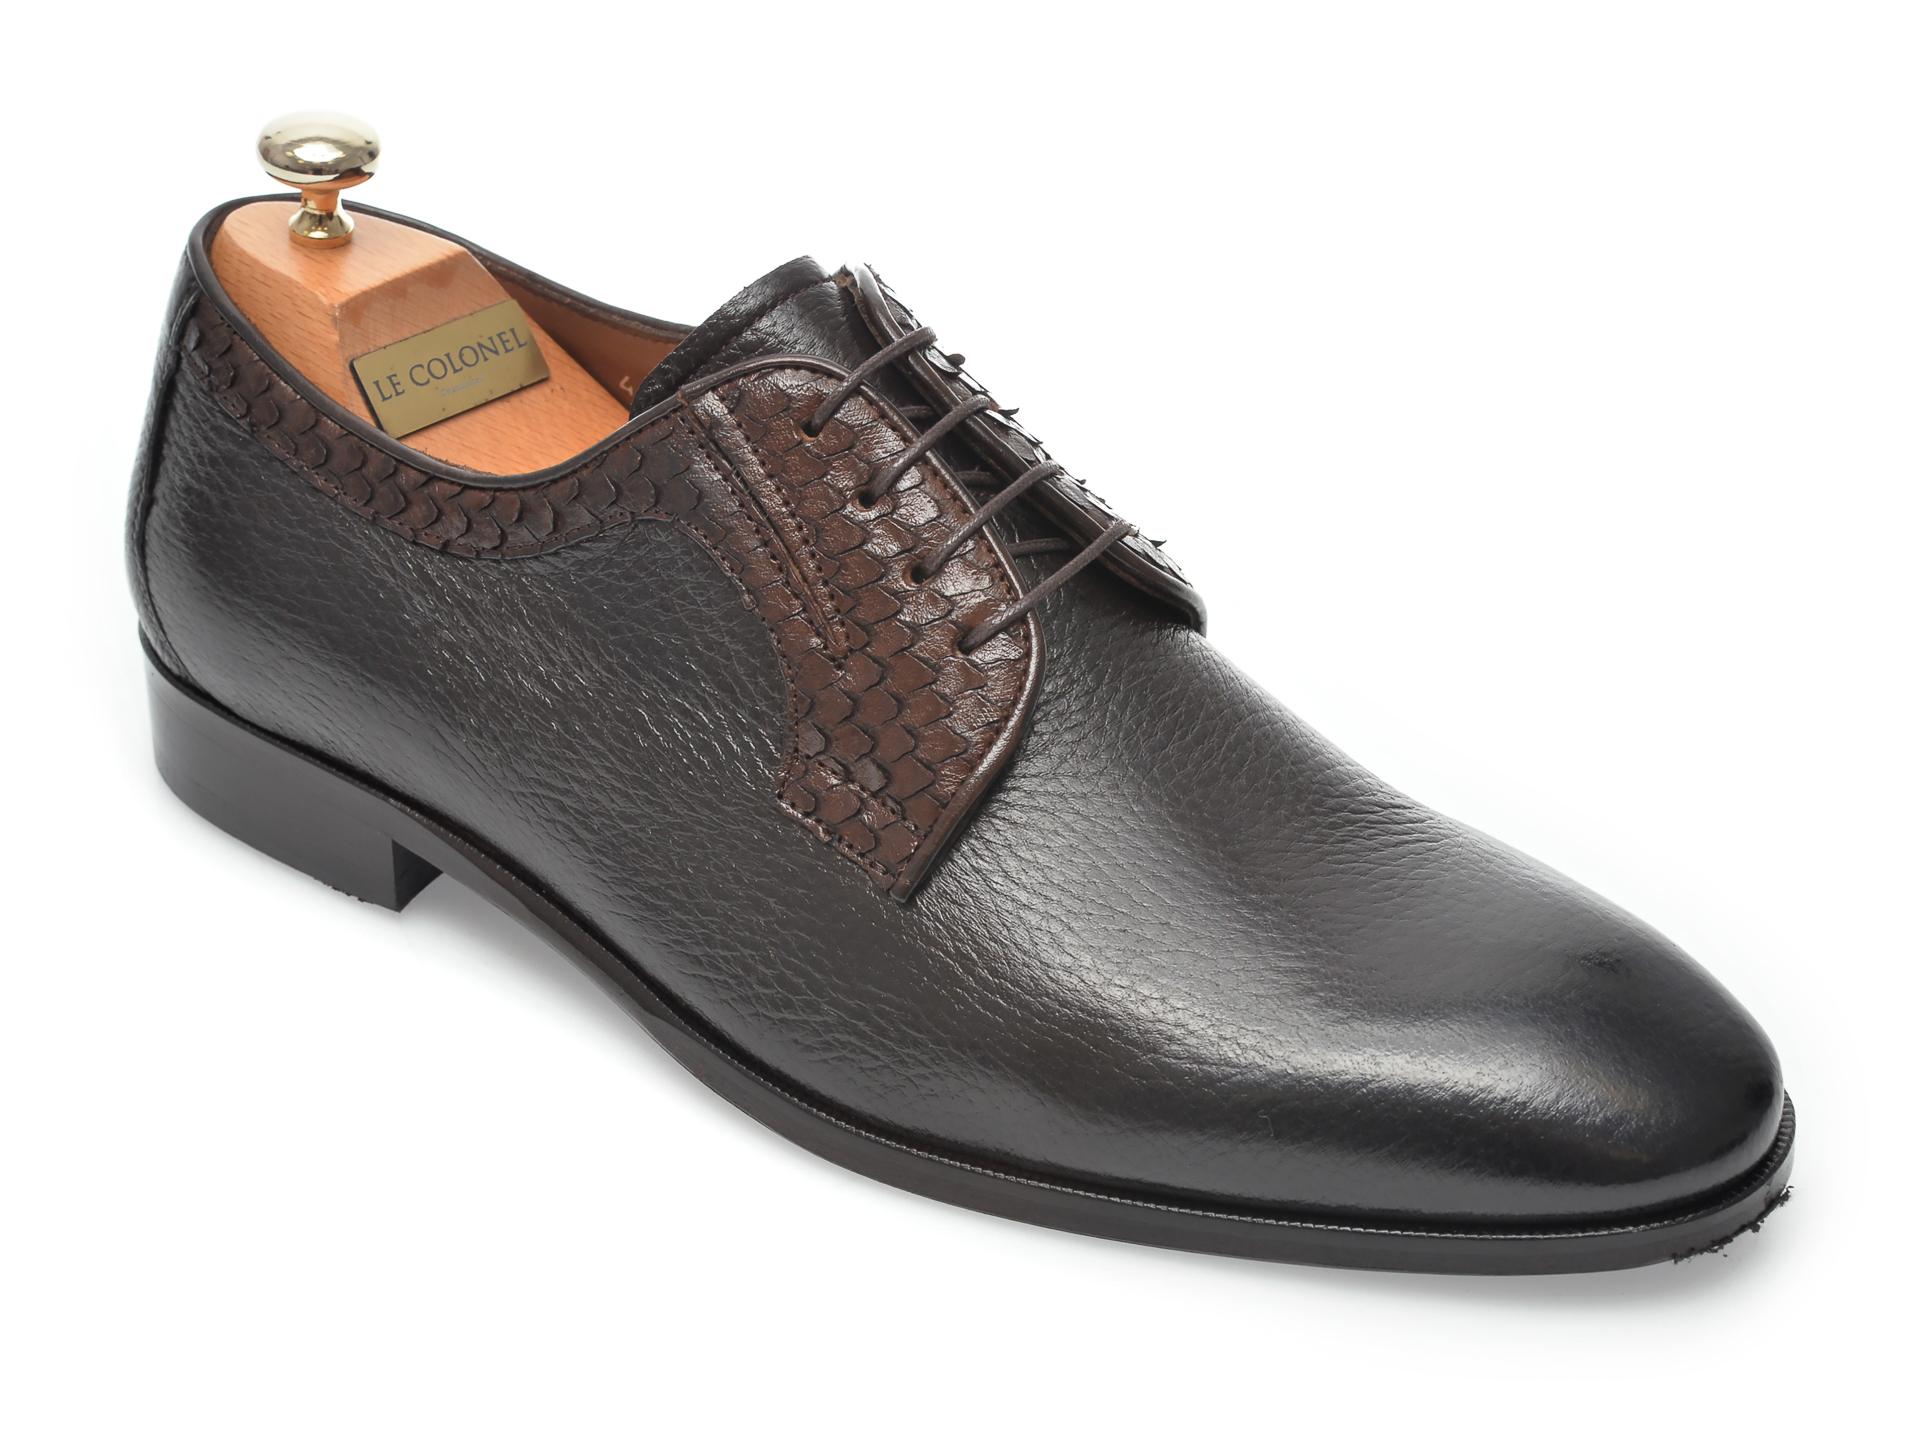 Pantofi LE COLONEL maro, 48711, din piele naturala imagine otter.ro 2021